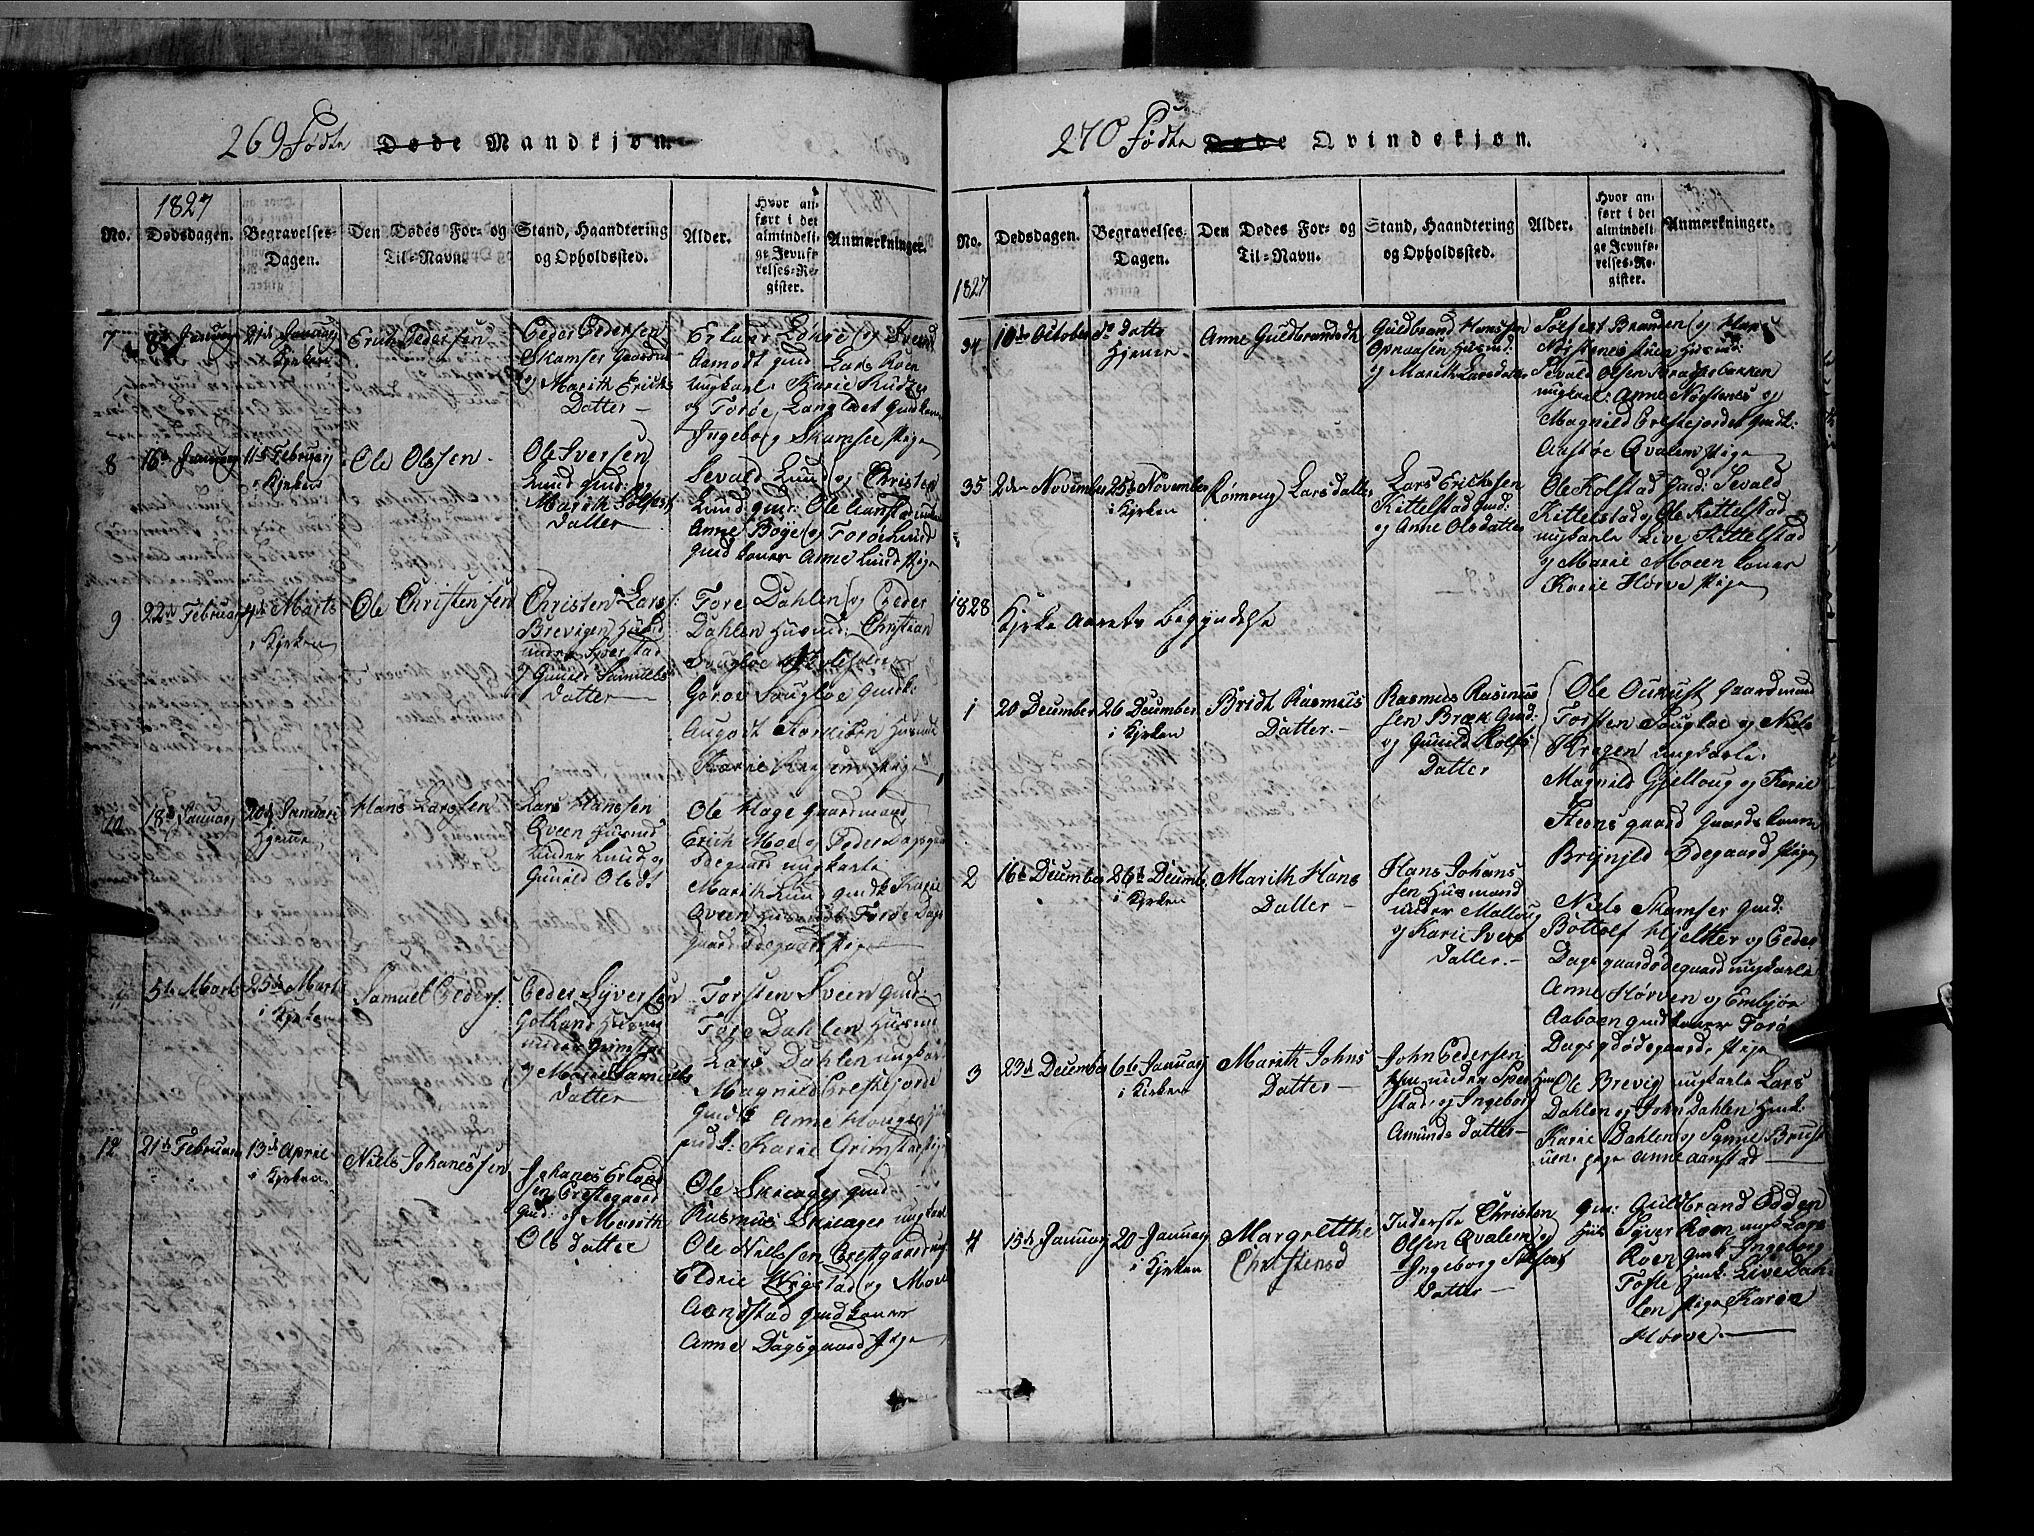 SAH, Lom prestekontor, L/L0003: Klokkerbok nr. 3, 1815-1844, s. 269-270